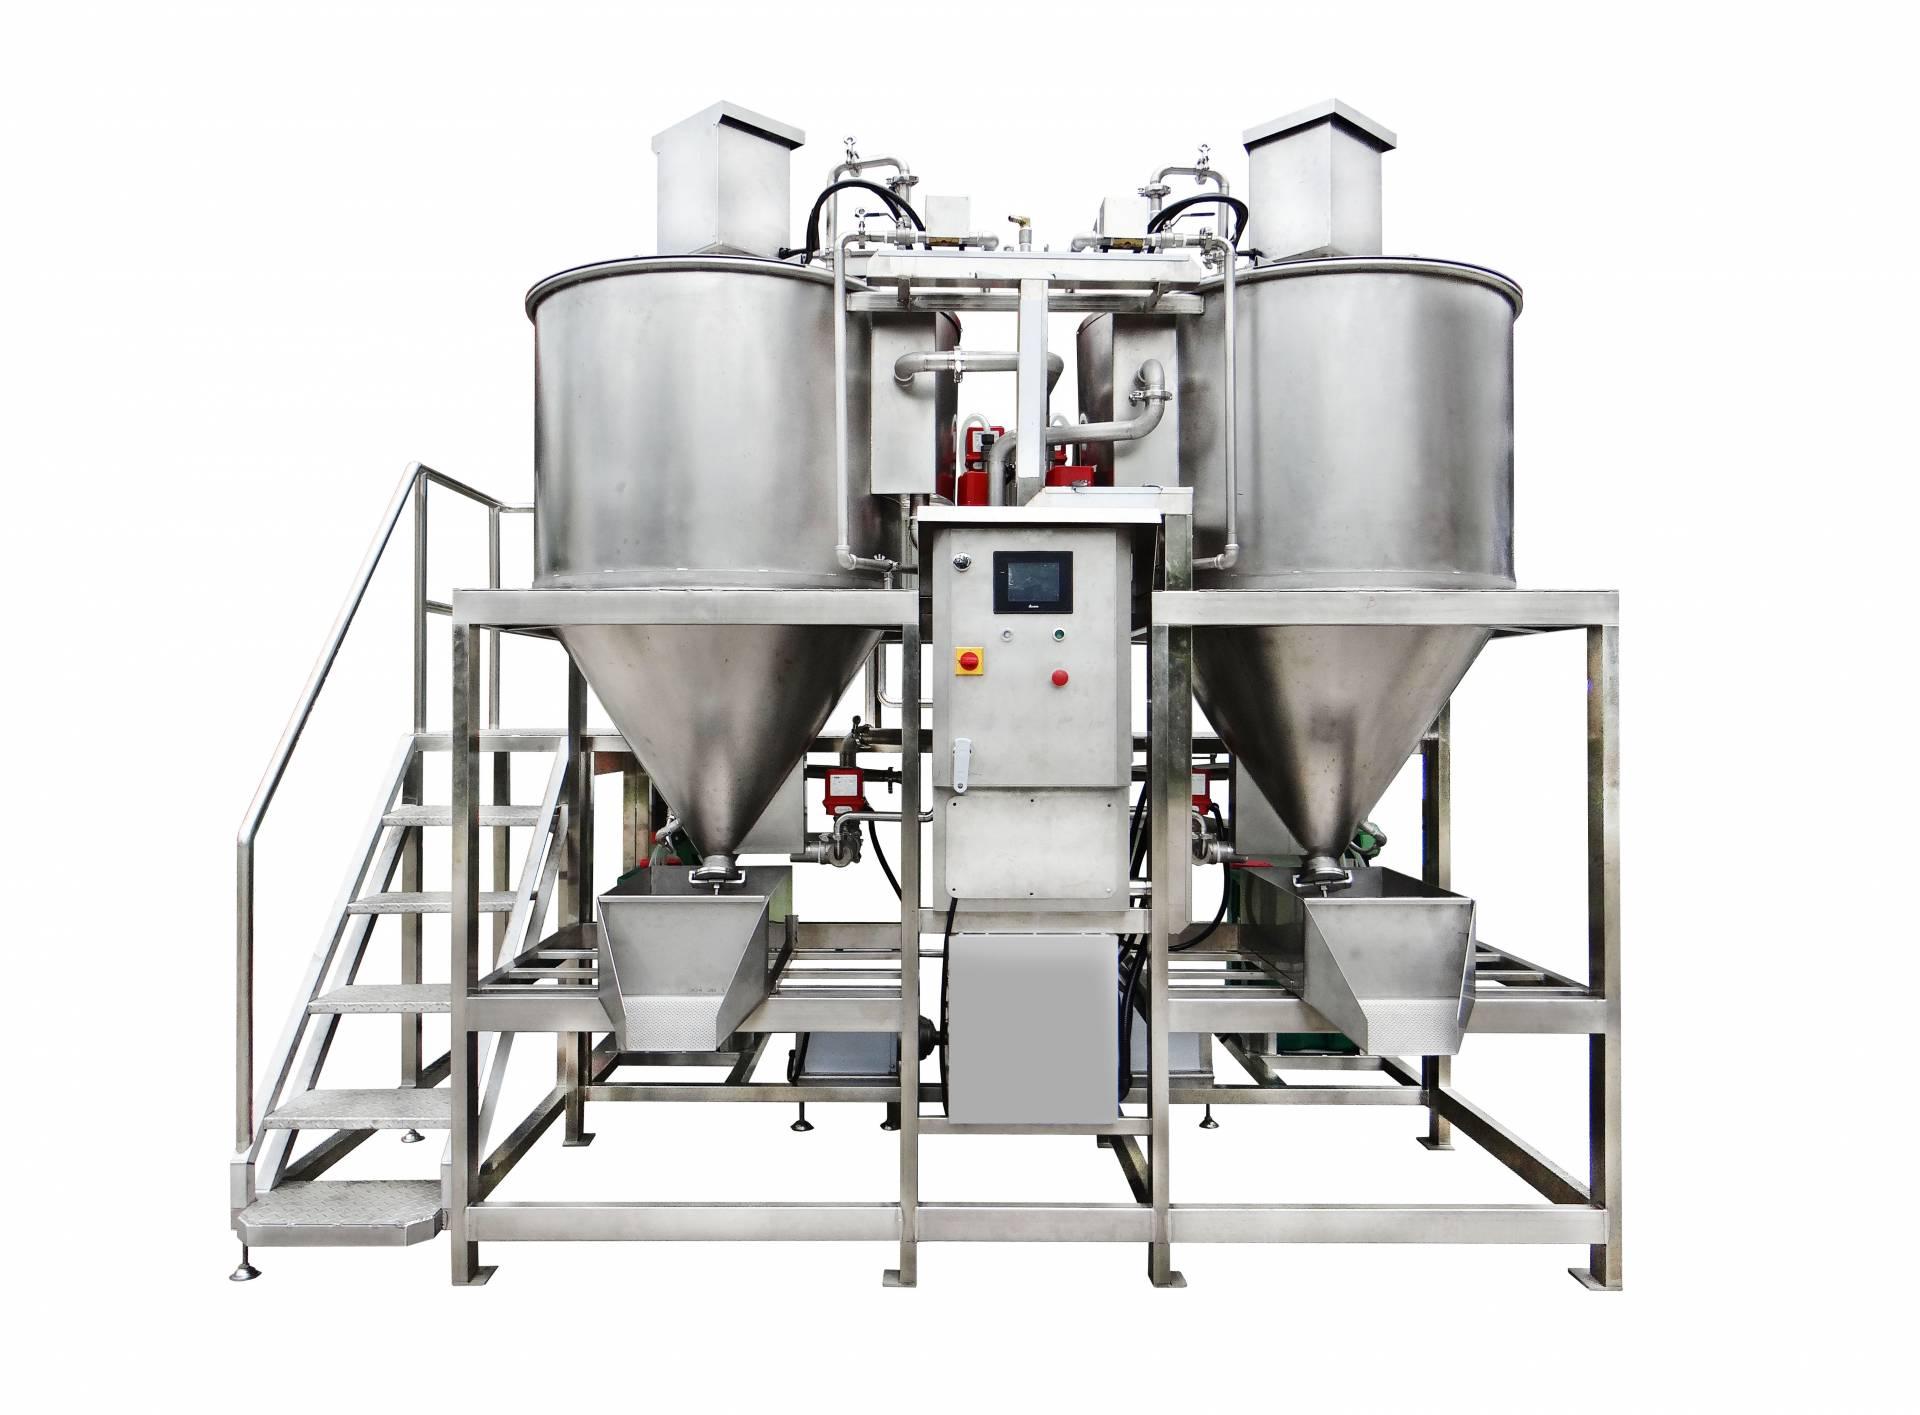 Sistema di lavaggio e sterilizzazione del fagiolo - Macchina per lavaggio e sterilizzazione fagioli